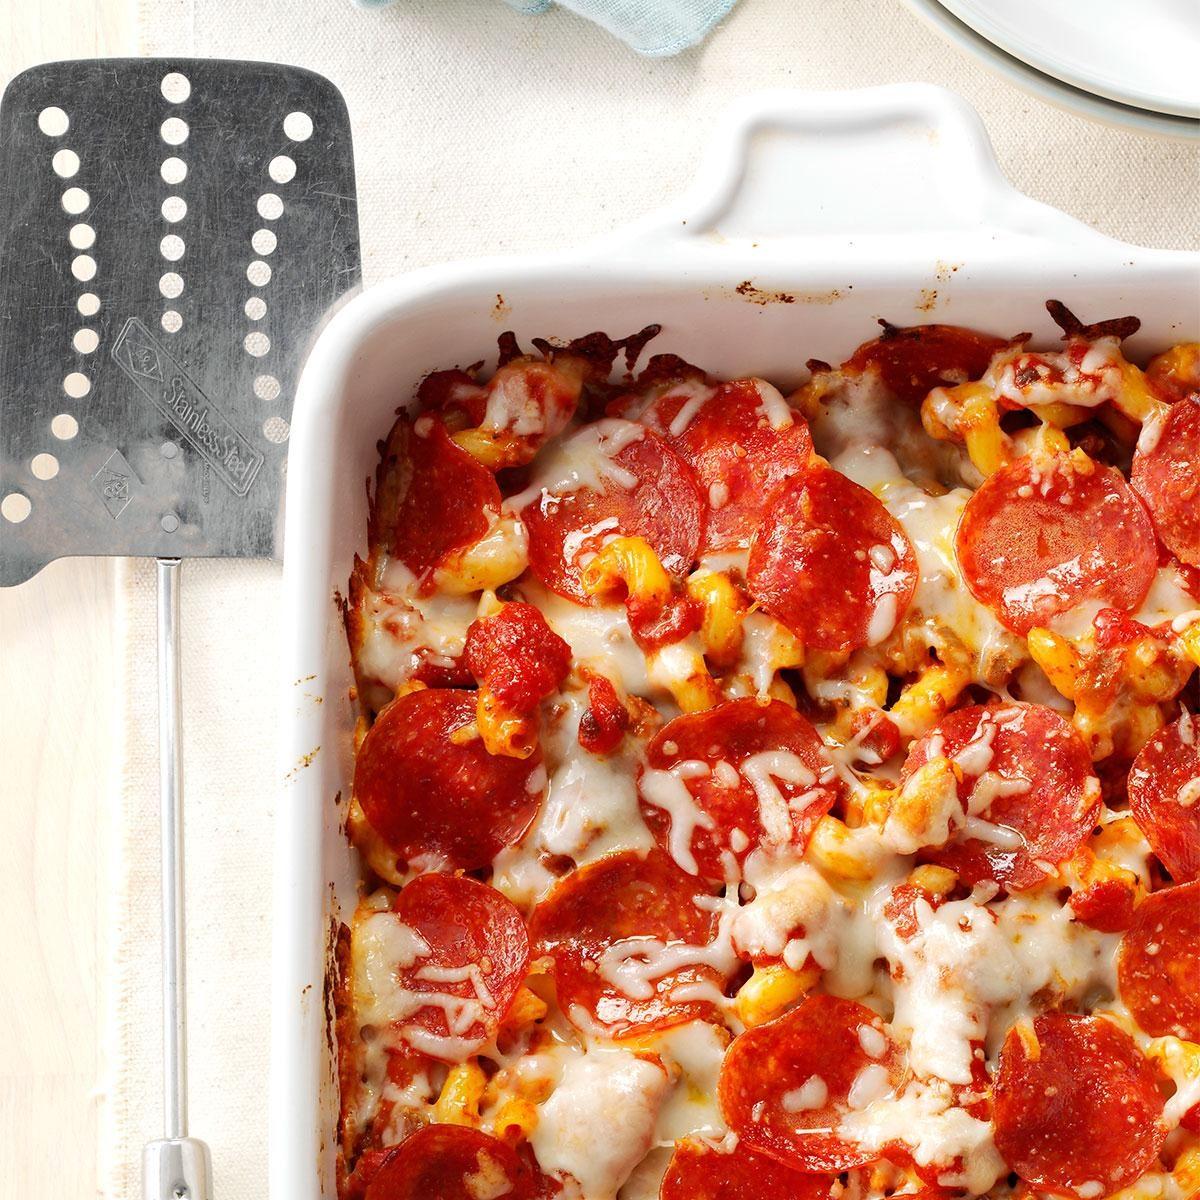 Pizza Pasta Casserole Recipe | Taste of Home